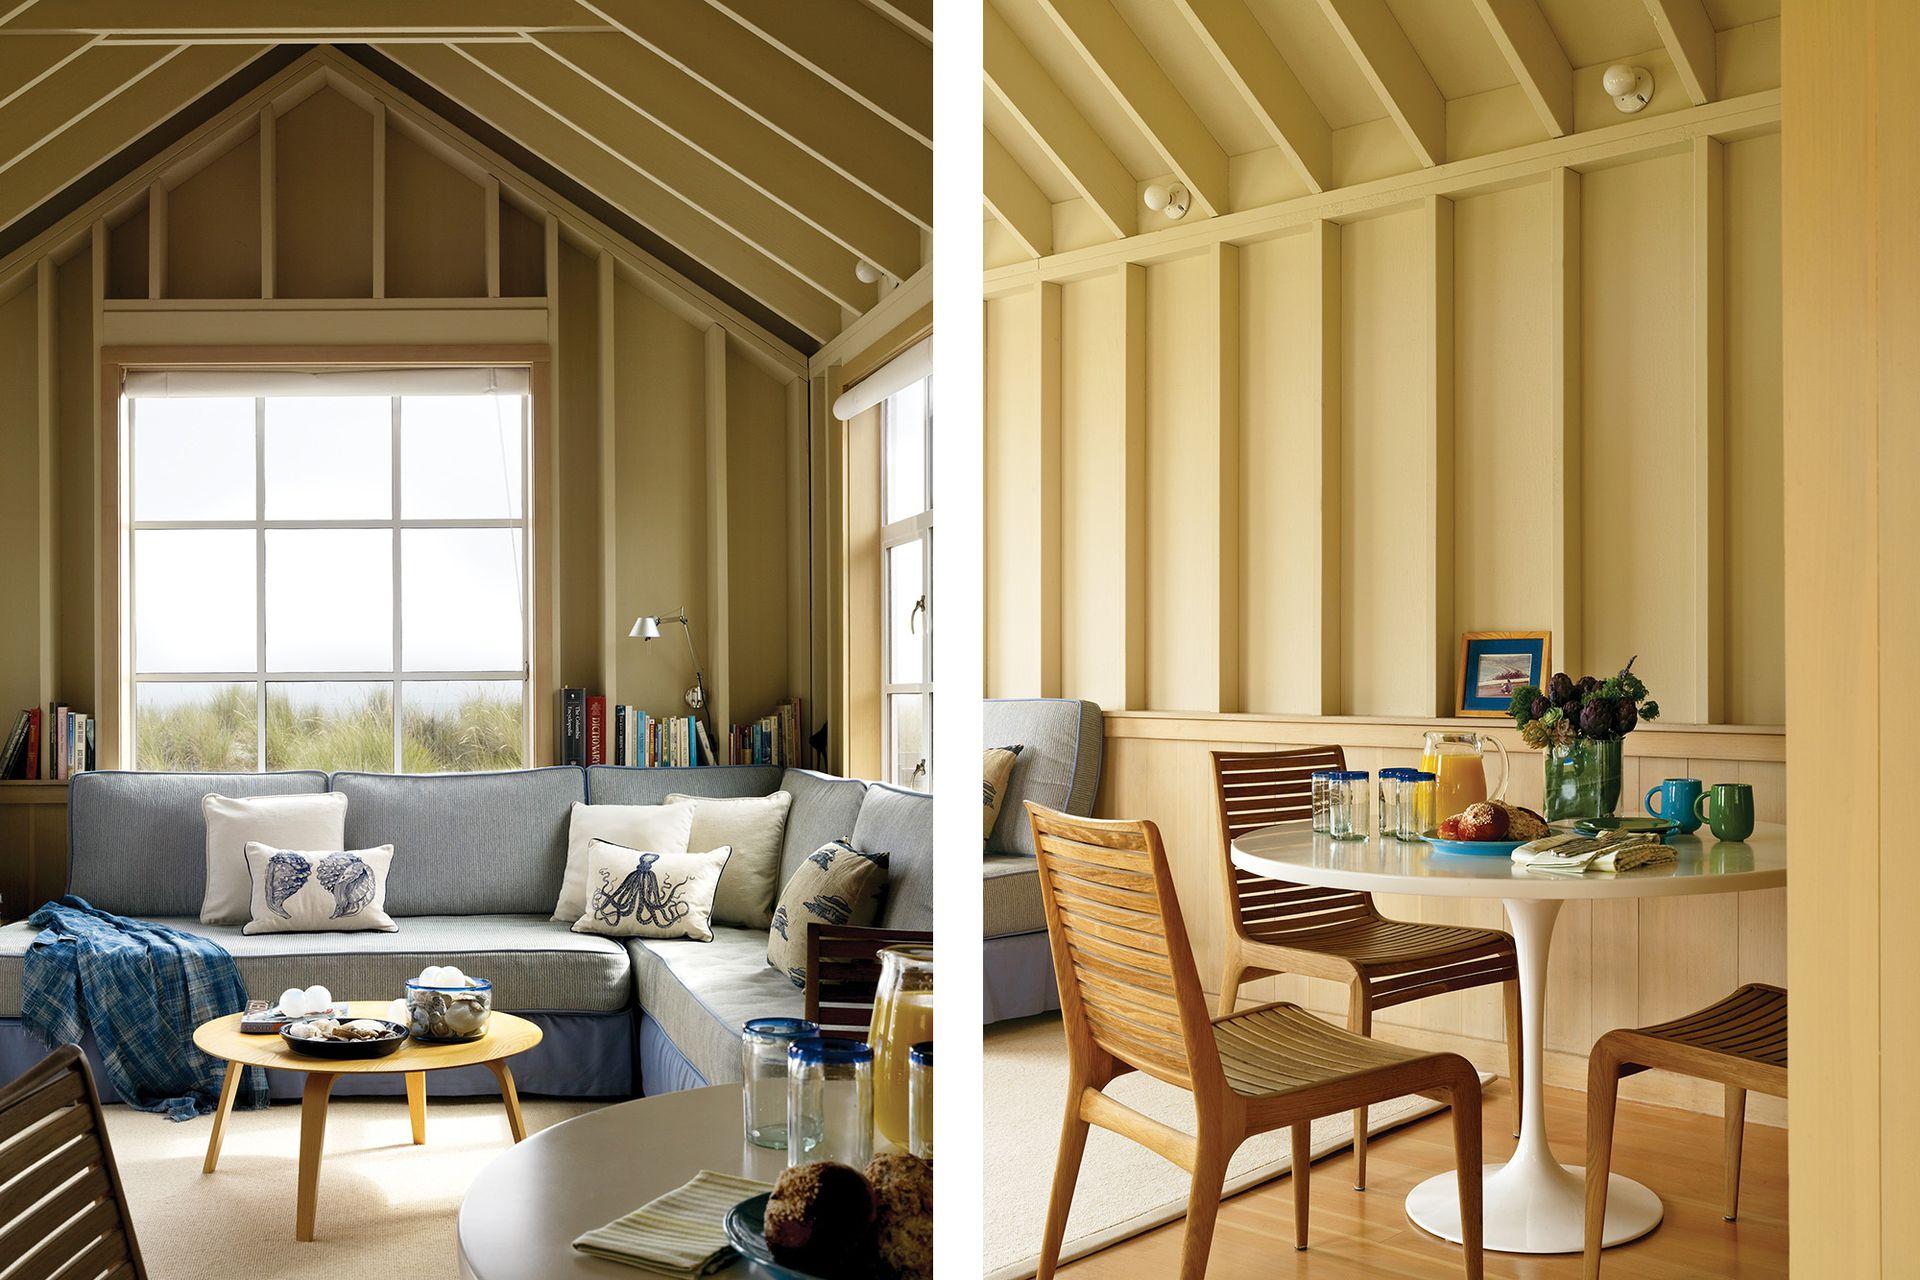 La sala de estar se transforma en cuarto extra: el sillón rinconero está hecho con dos camas de una plaza. Junto a la cocina semicerrada, un rincón para desayunar donde Lewis Butler se dio el gusto de poner una mesa 'Tulip'.